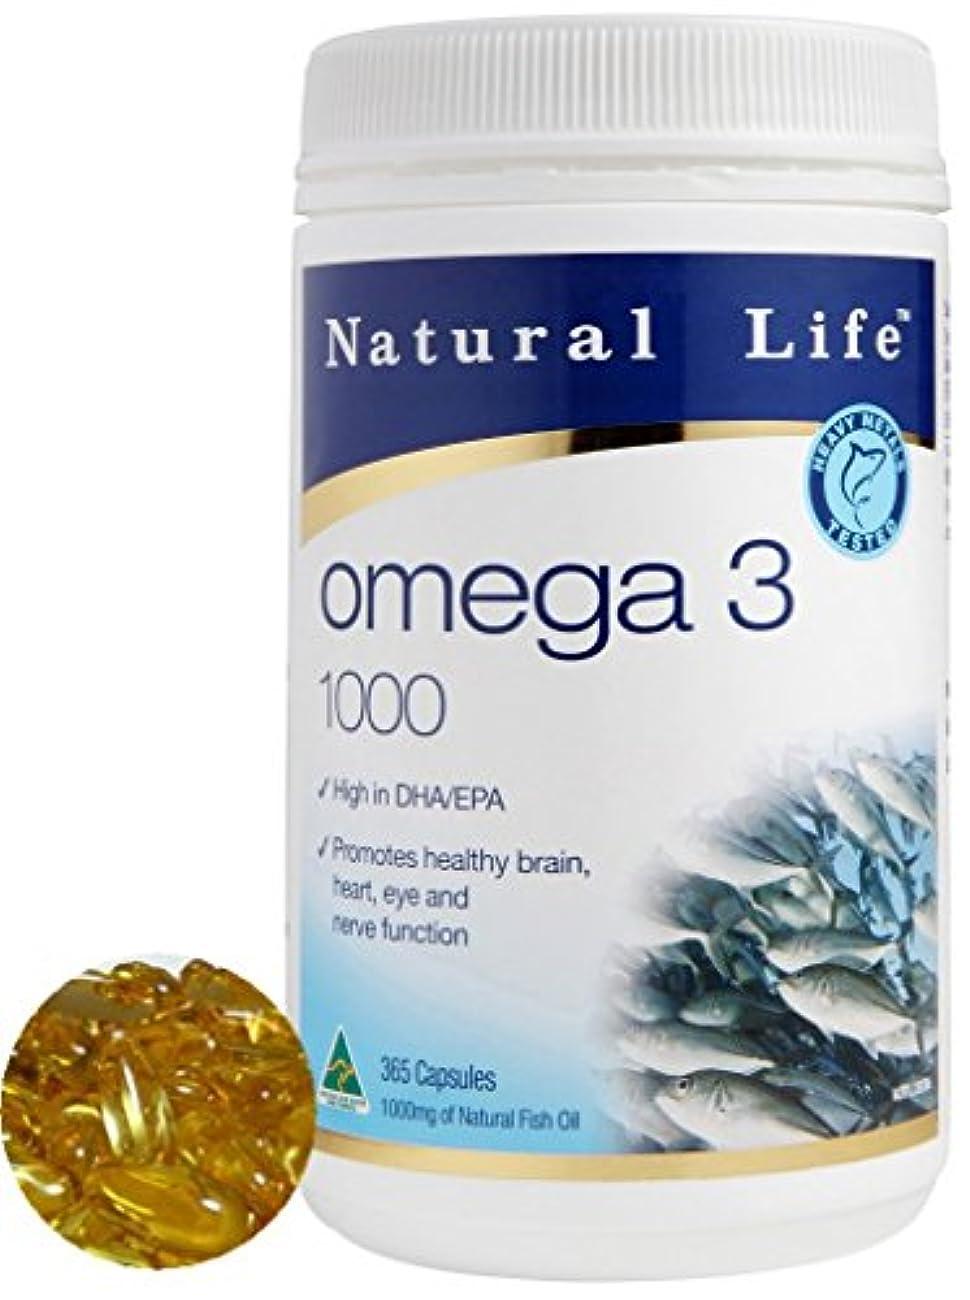 プリーツギャラントリー激怒DHA EPA オメガ3系脂肪酸1000mg×365粒/半年分。ダントツの成分量(オーストラリア政府TGA認定商品)[海外直送品]